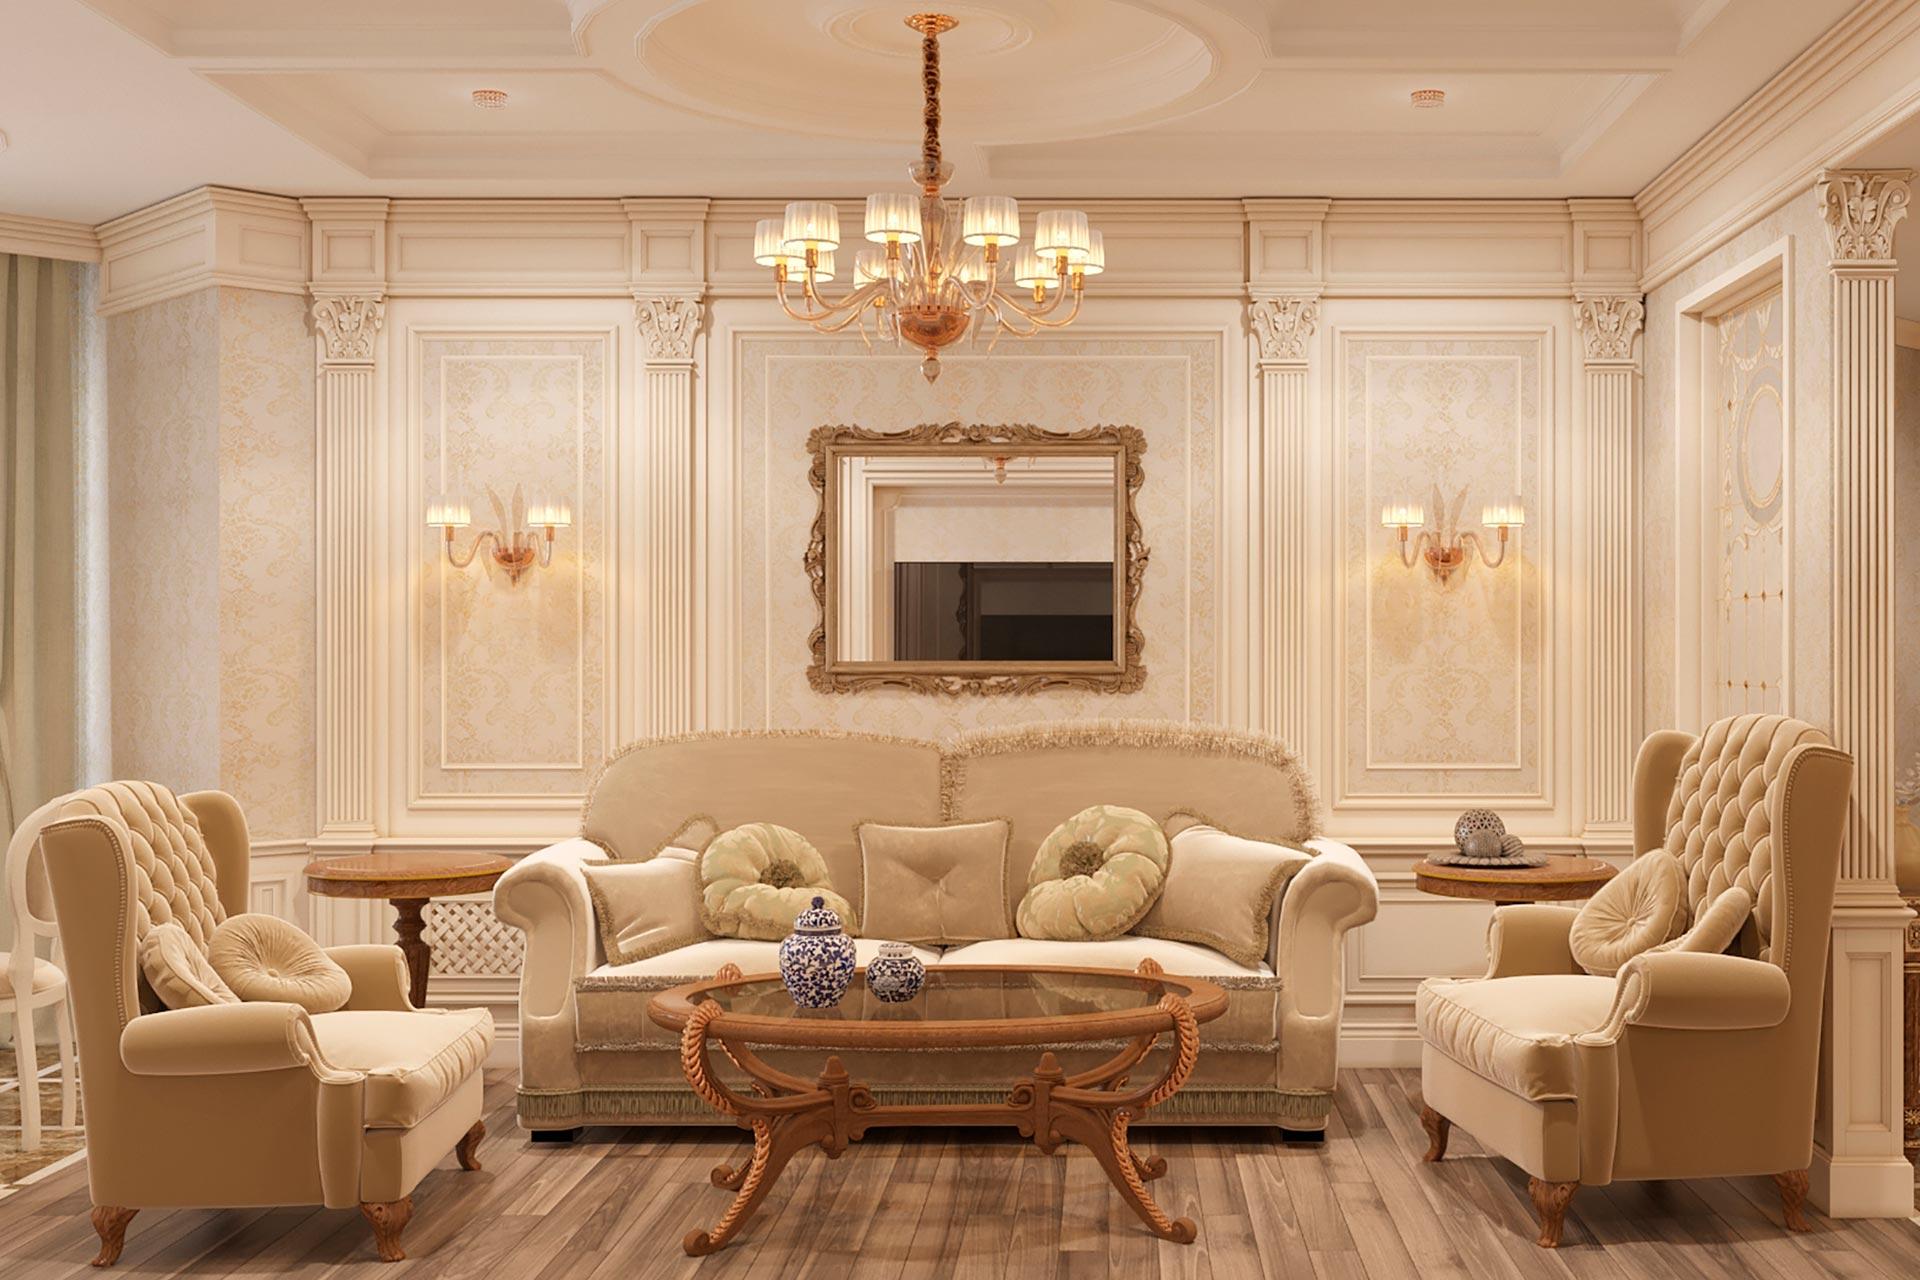 3d-визуализация интерьера квартиры в ЖК Дыхание